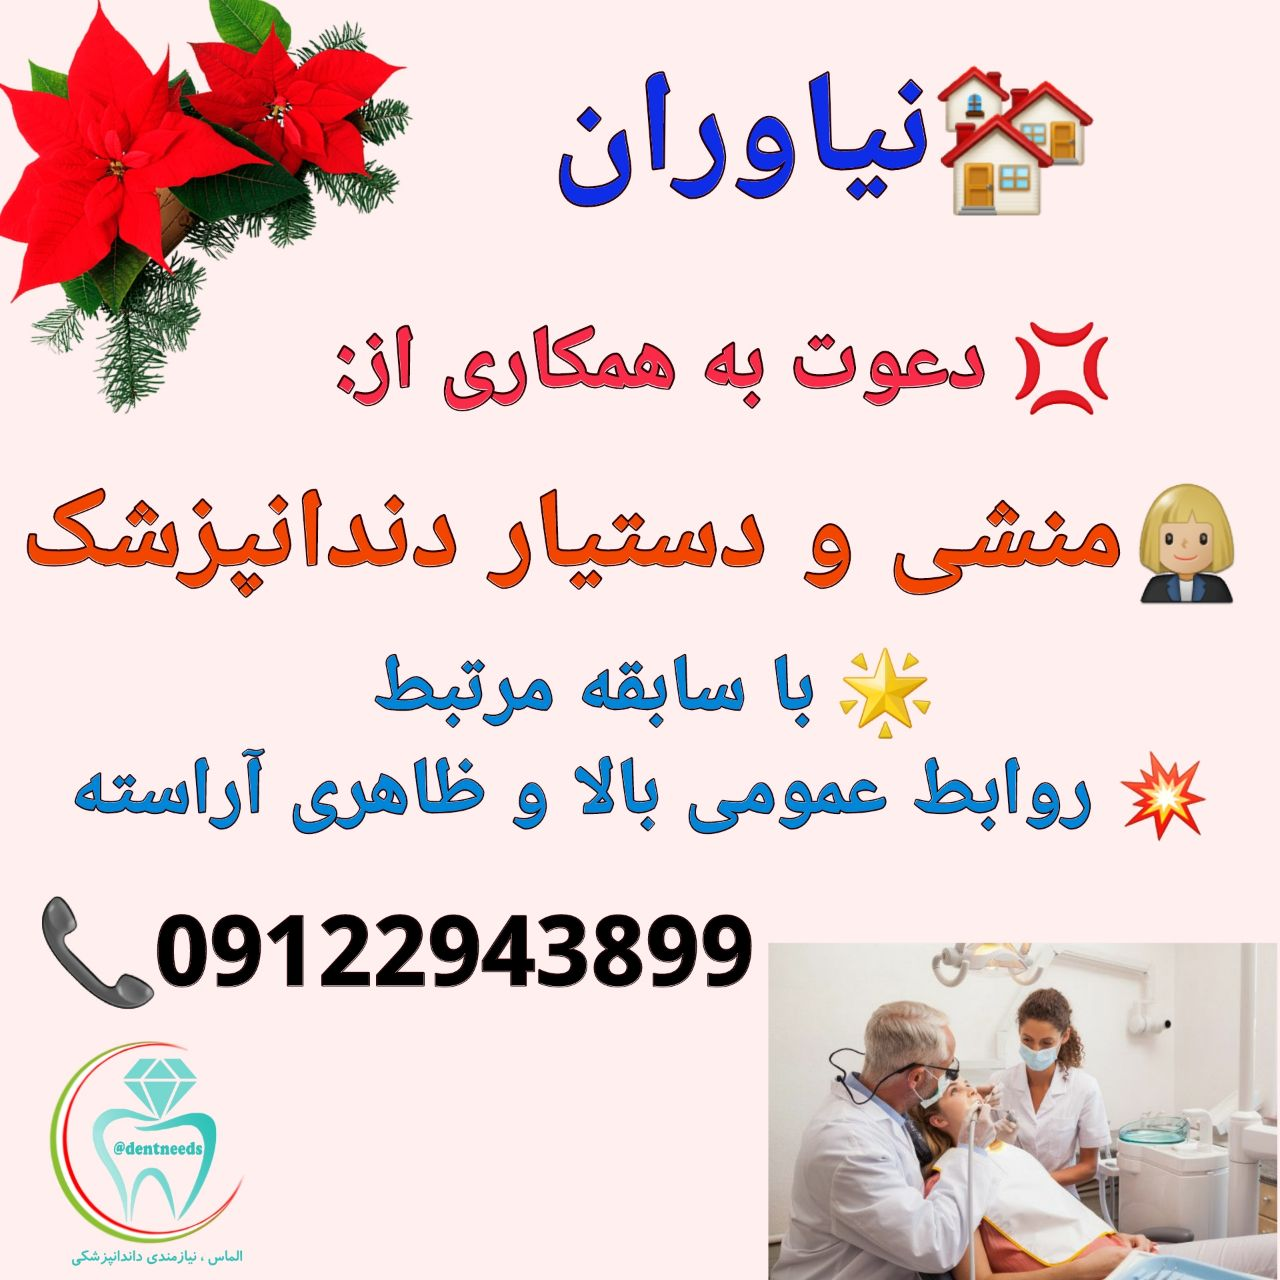 نیاوران، دعوت به همکاری از دستیار و منشی دندانپزشک